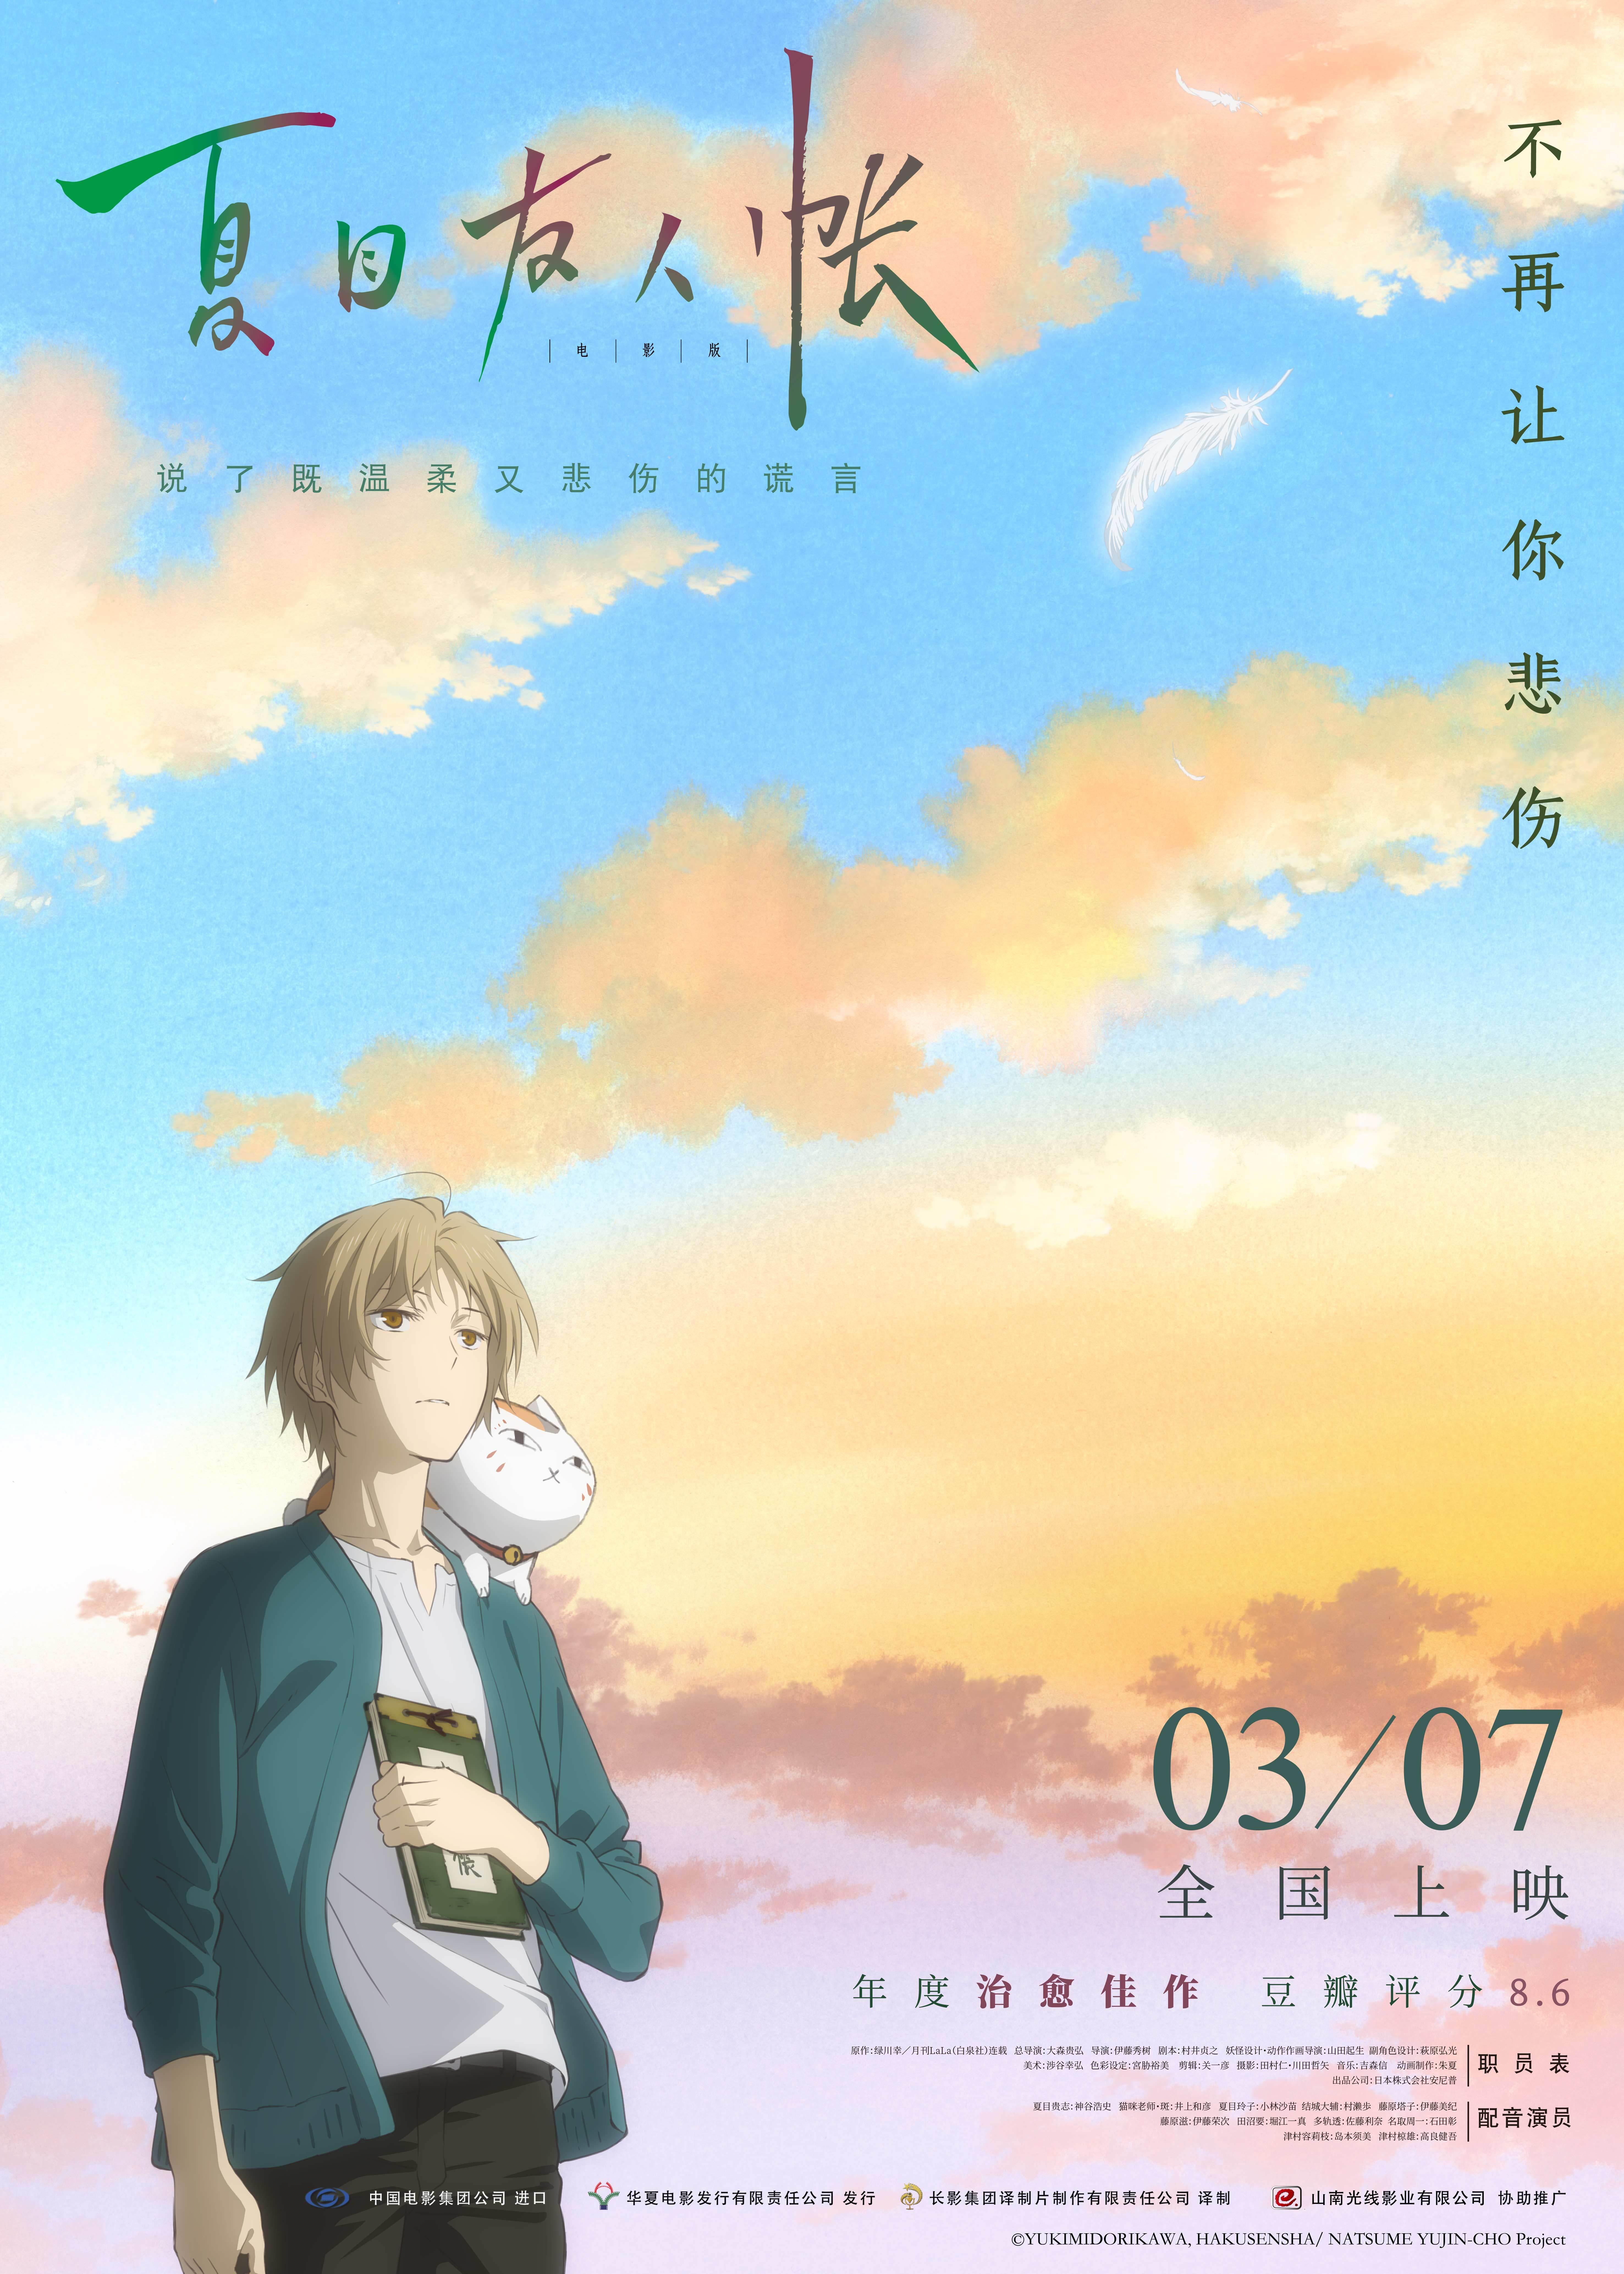 《夏目友人帐》电影3月7日上映 夏目和猫咪老师分离-有饭研究